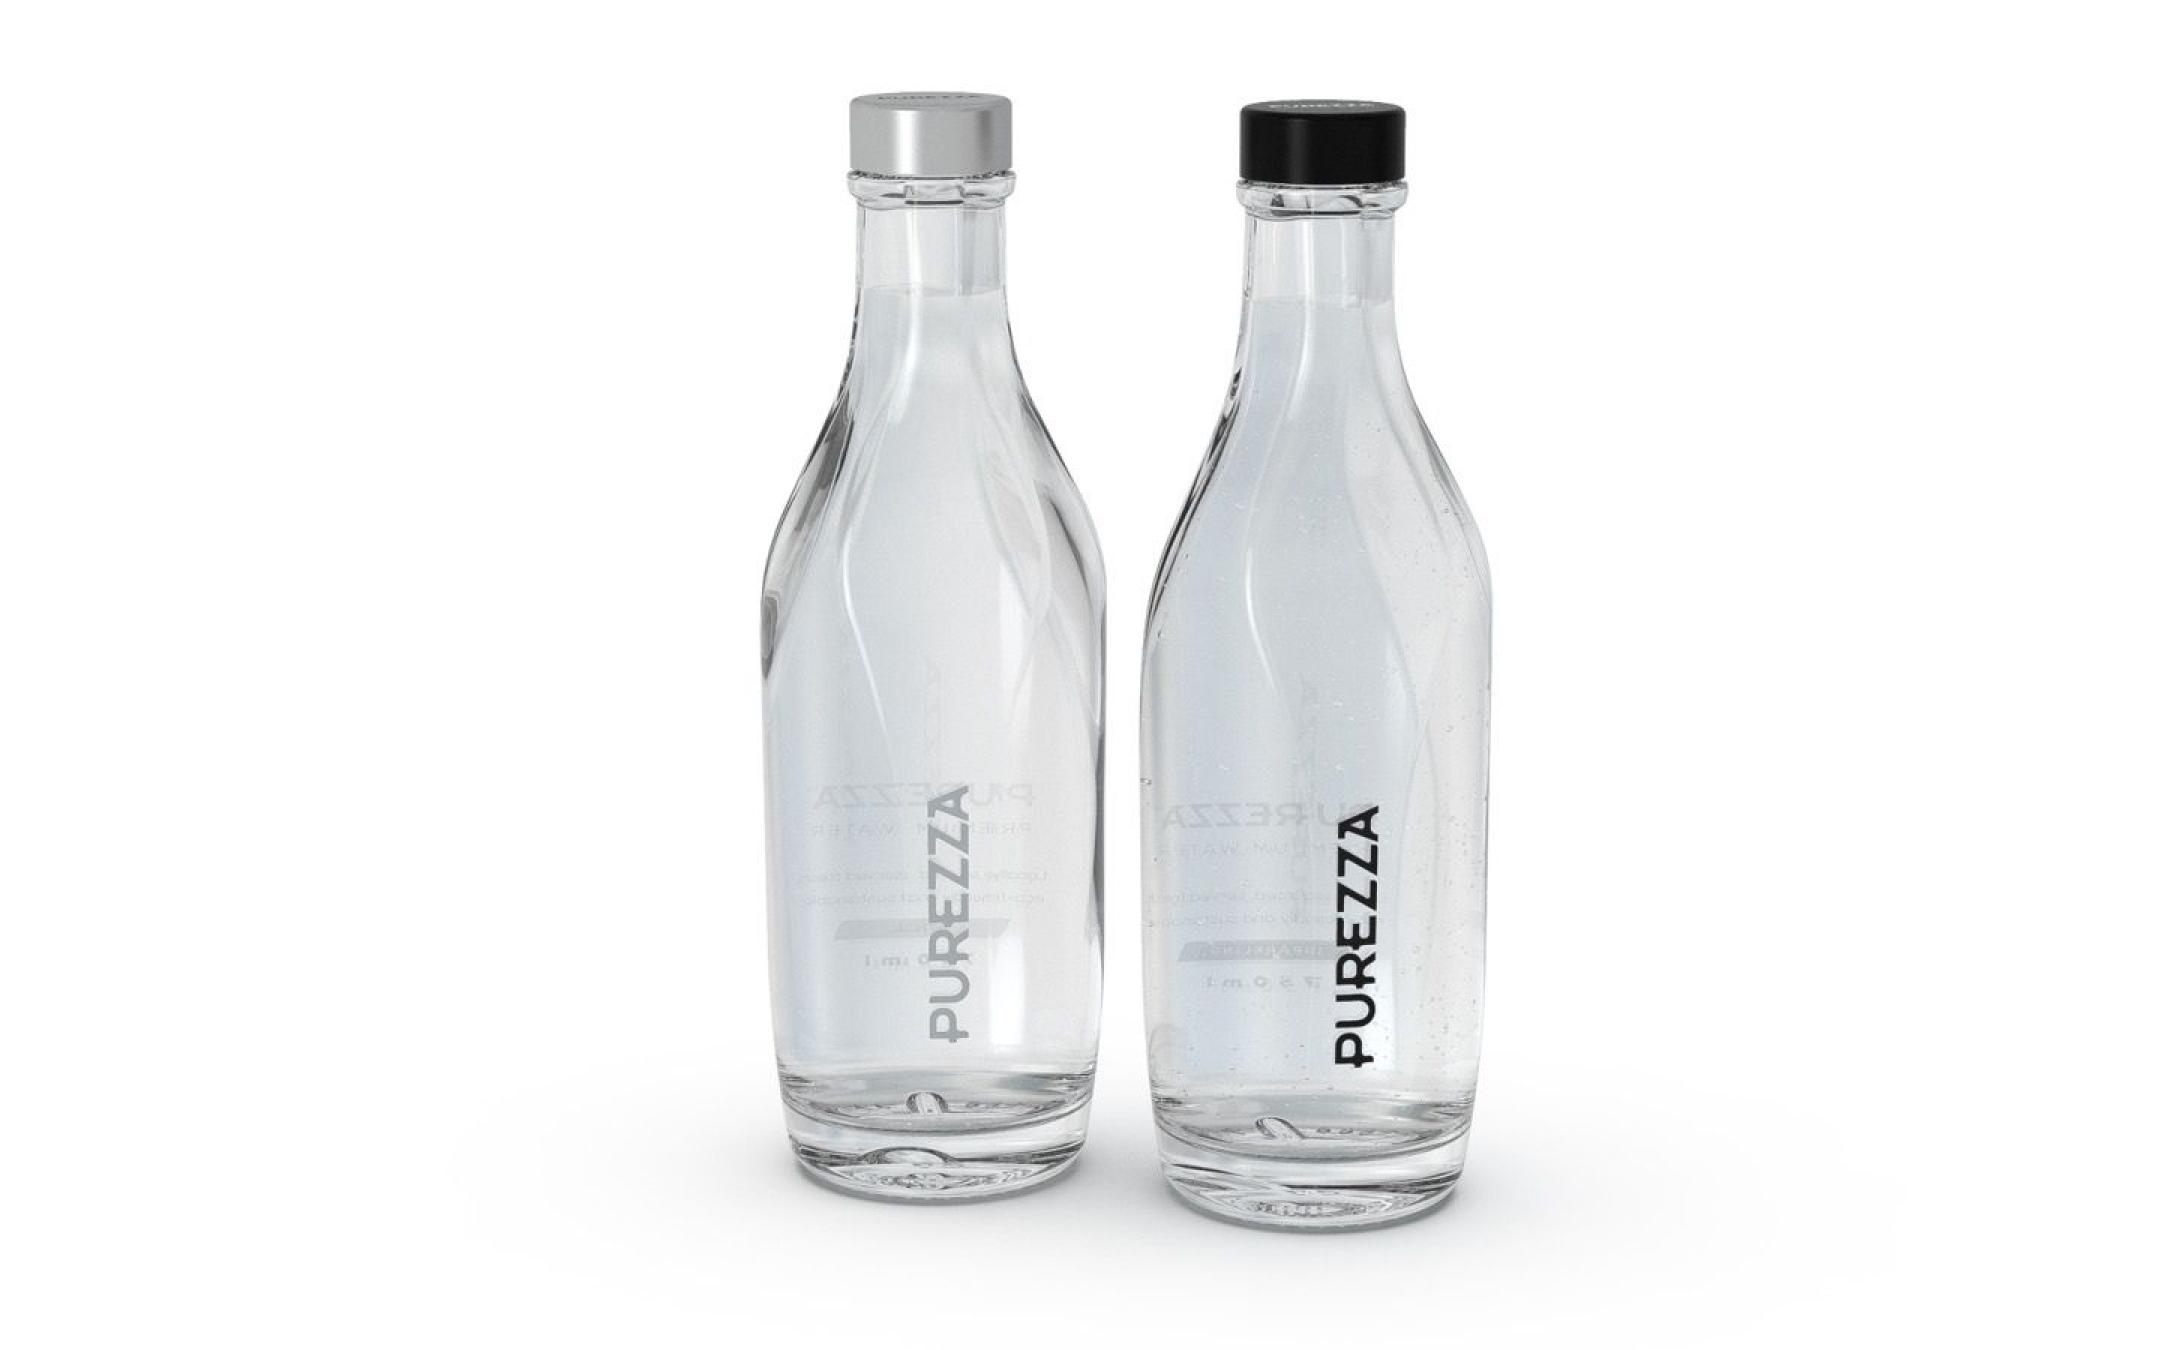 La gama de botellas Petalosa